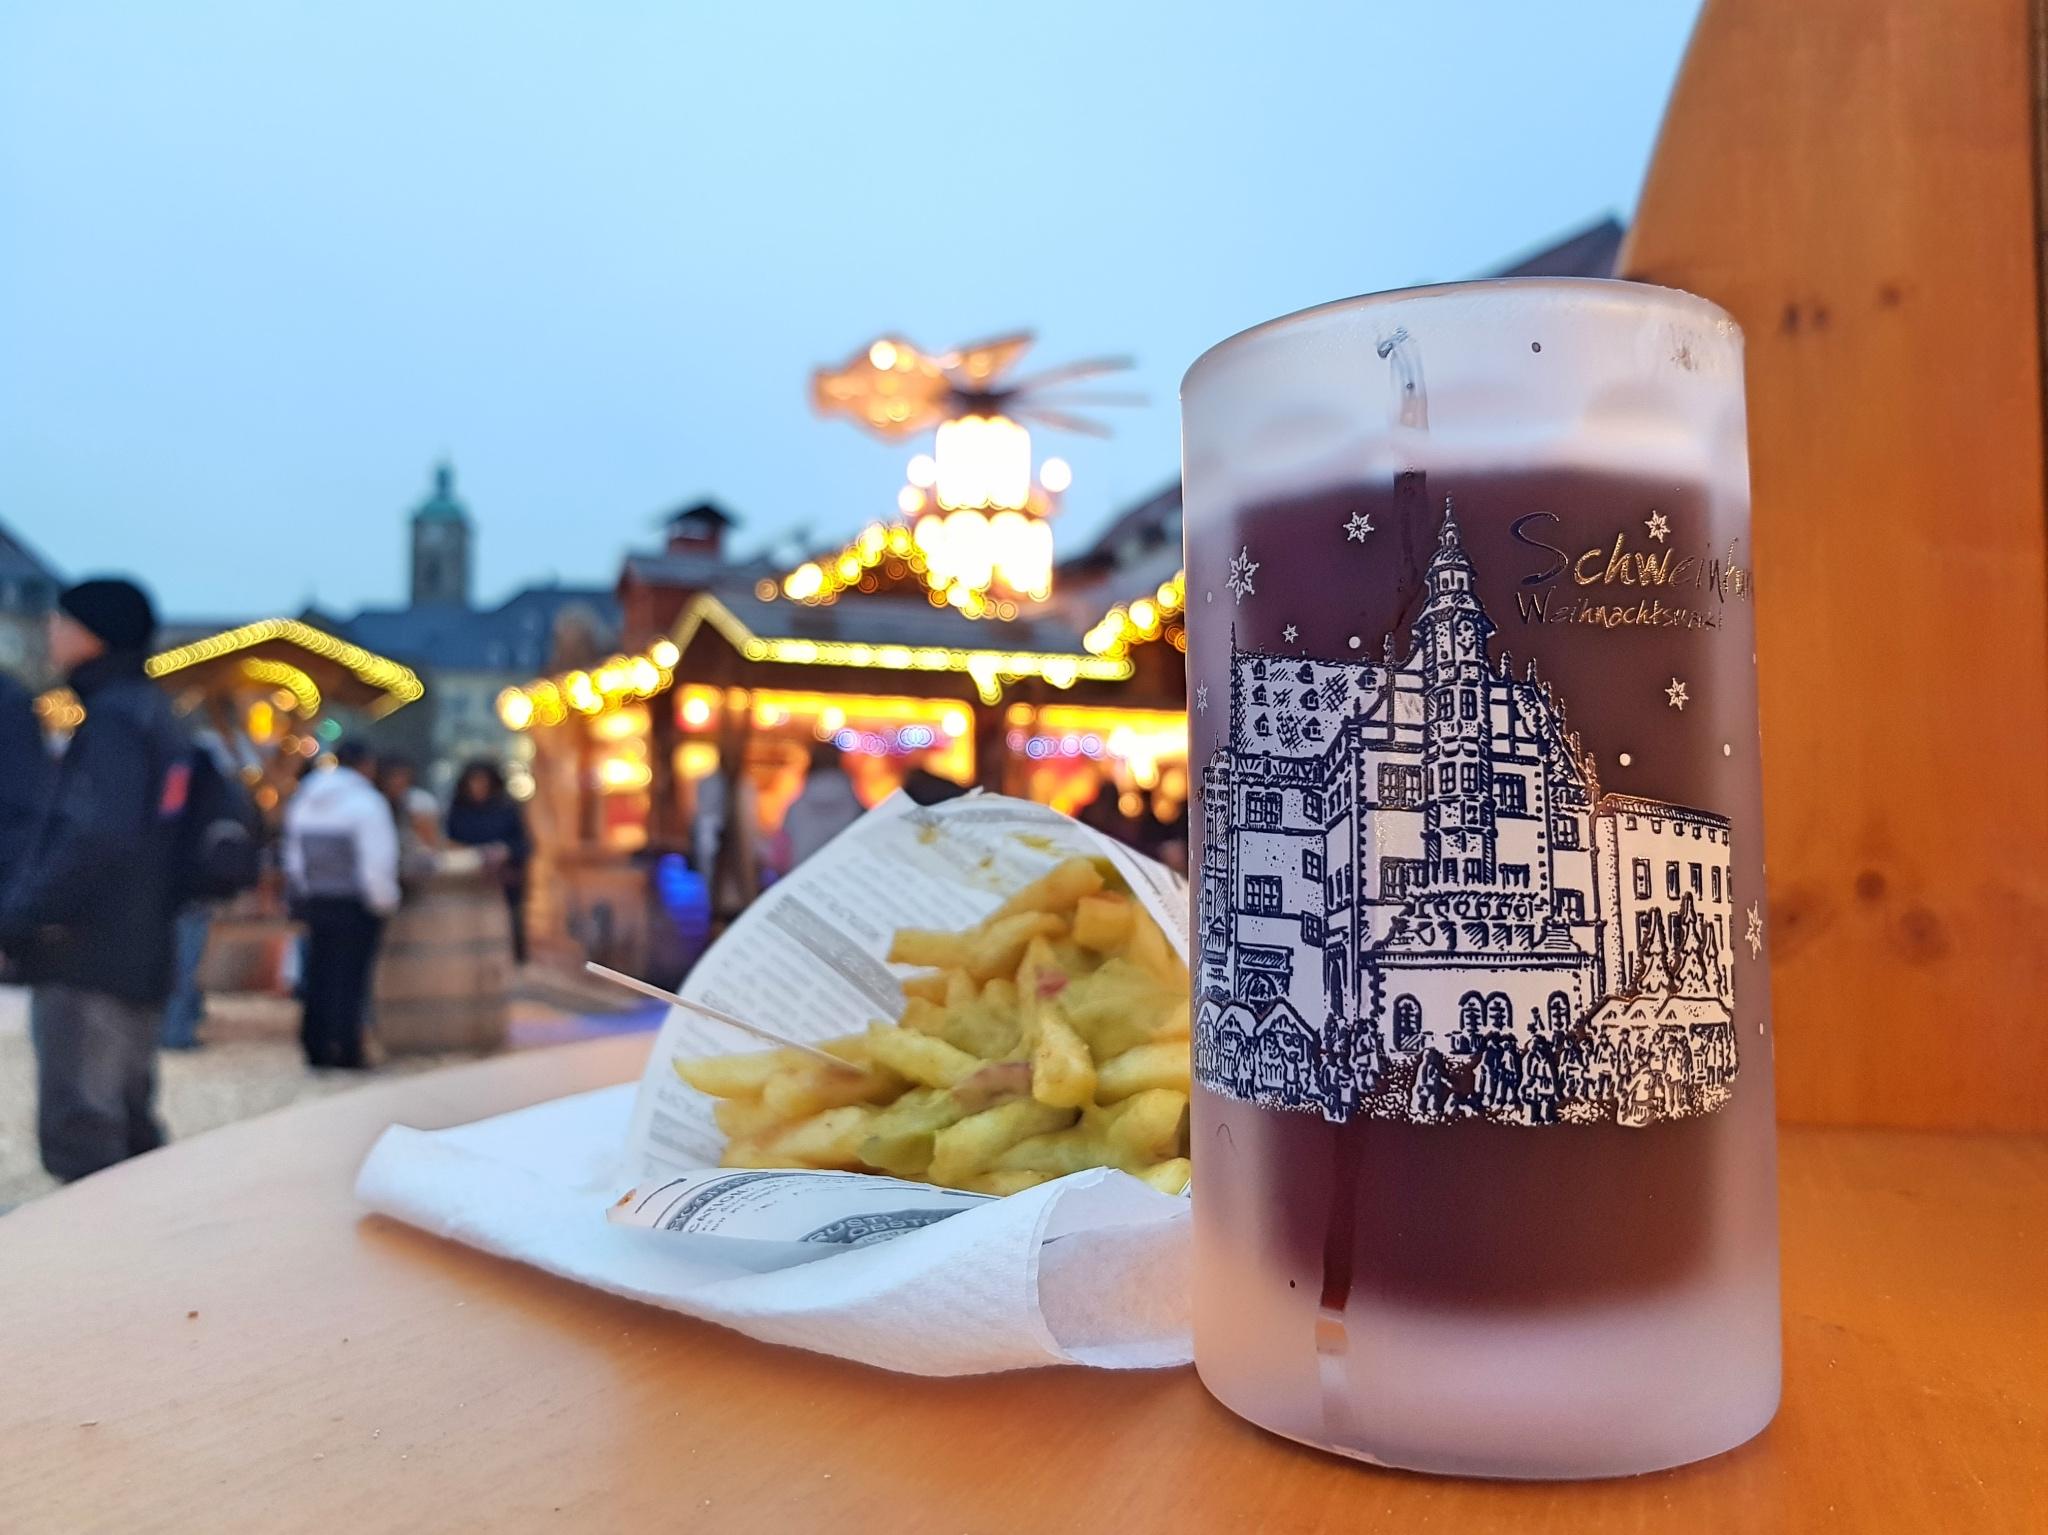 Glühwein und Snacks am Weihnachtsmarkt. Foto: Dirk Flieger